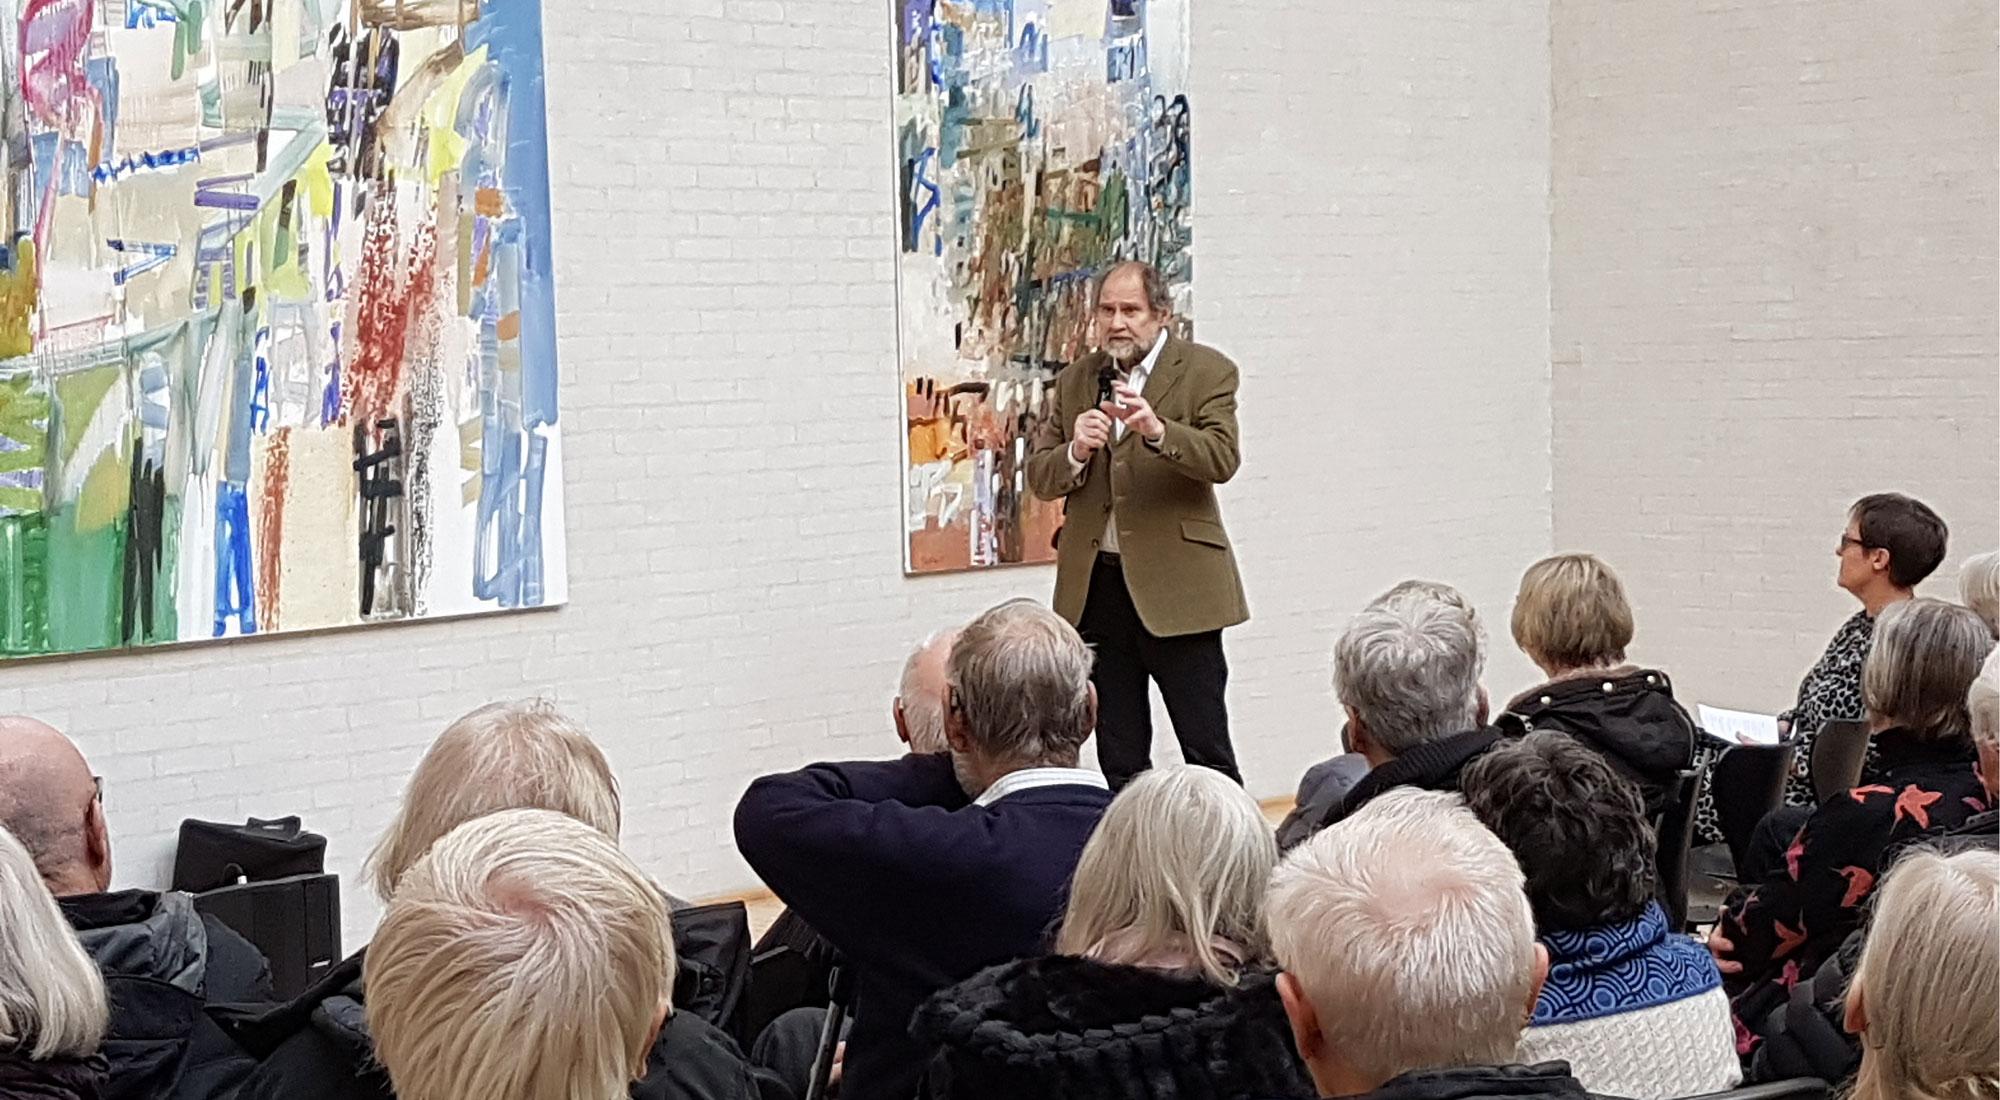 Bárður Jákupsson foran to af sine malerier til fernisering på Himmerlands Kunstmuseum